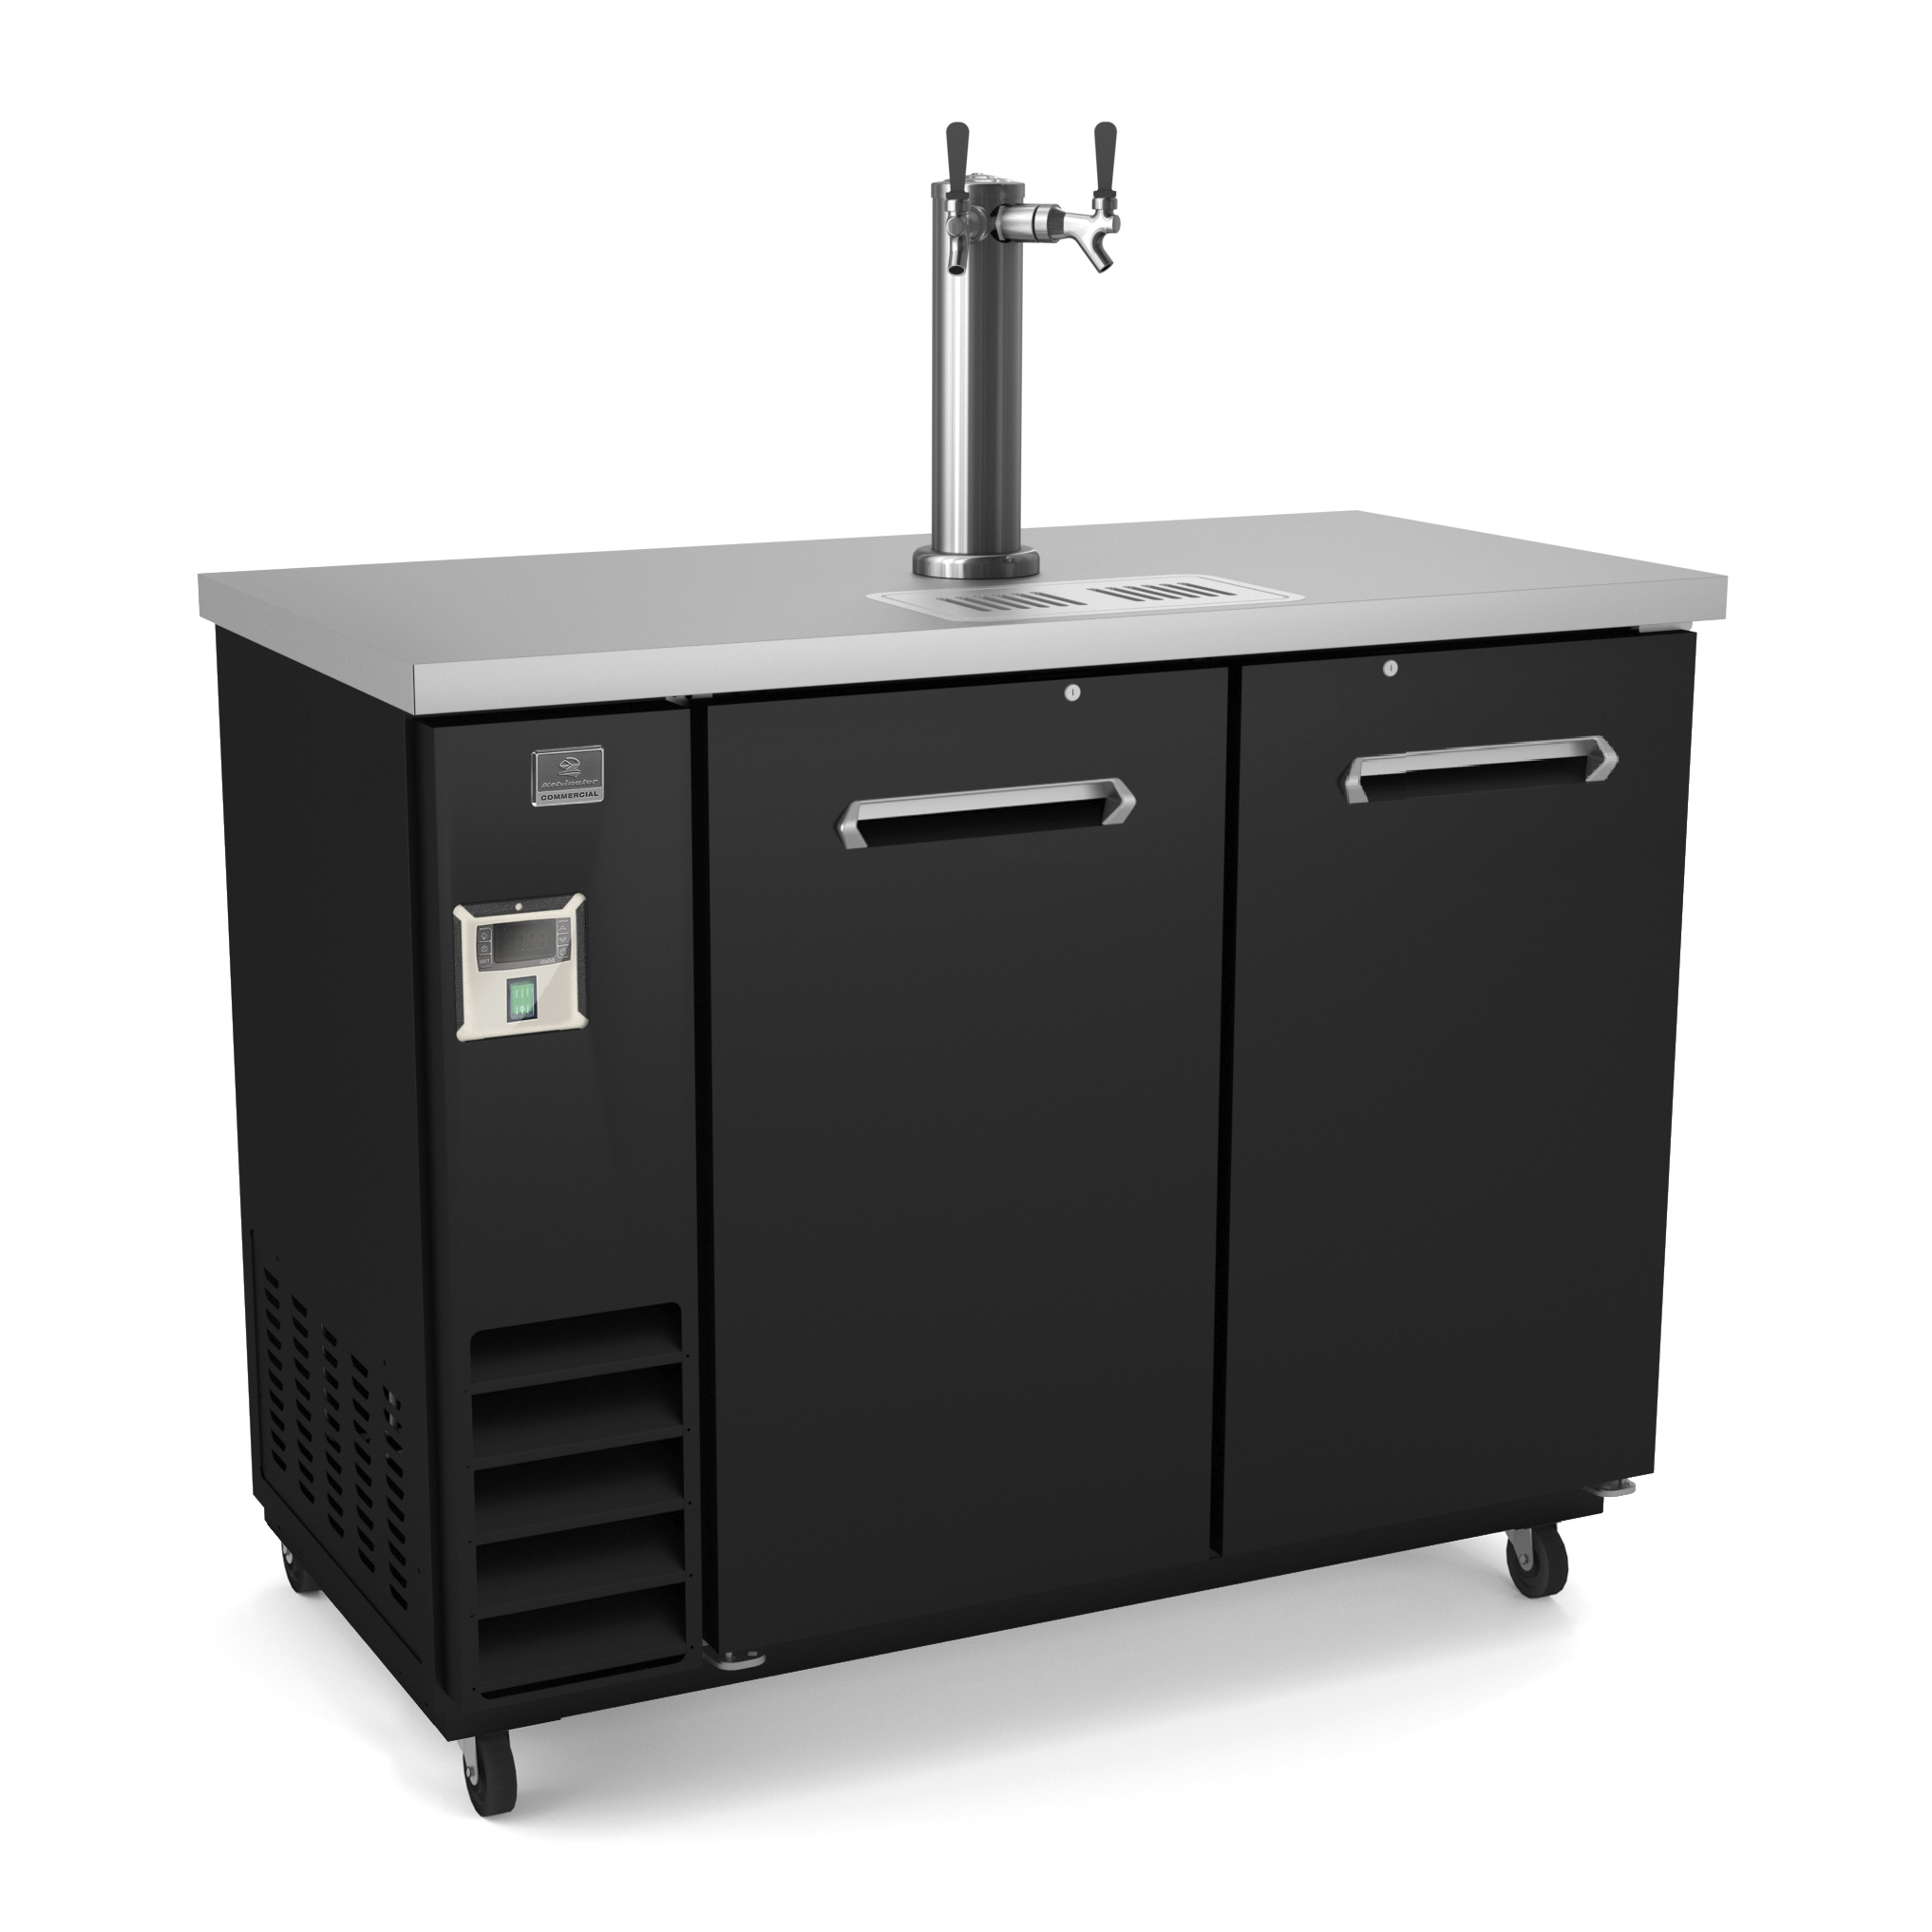 Kelvinator Commercial KCHBBD2D1T draft beer cooler